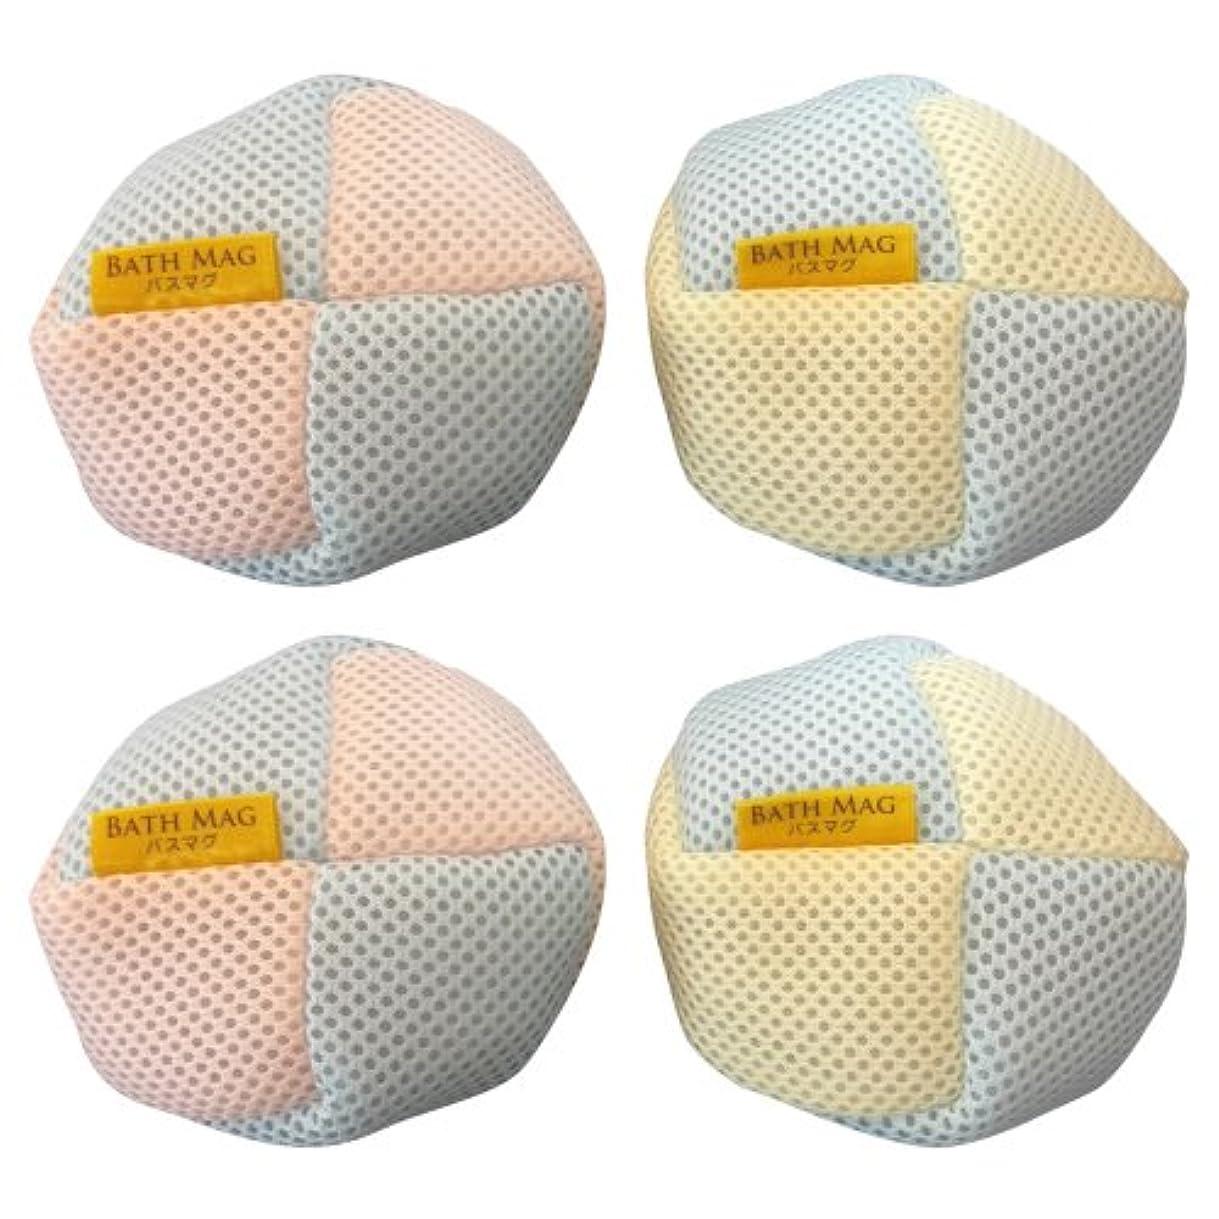 ランプベジタリアン隠BATH MAG マグネシウムde水素浴(バスマグ)2個入り×2箱セット(計4個)